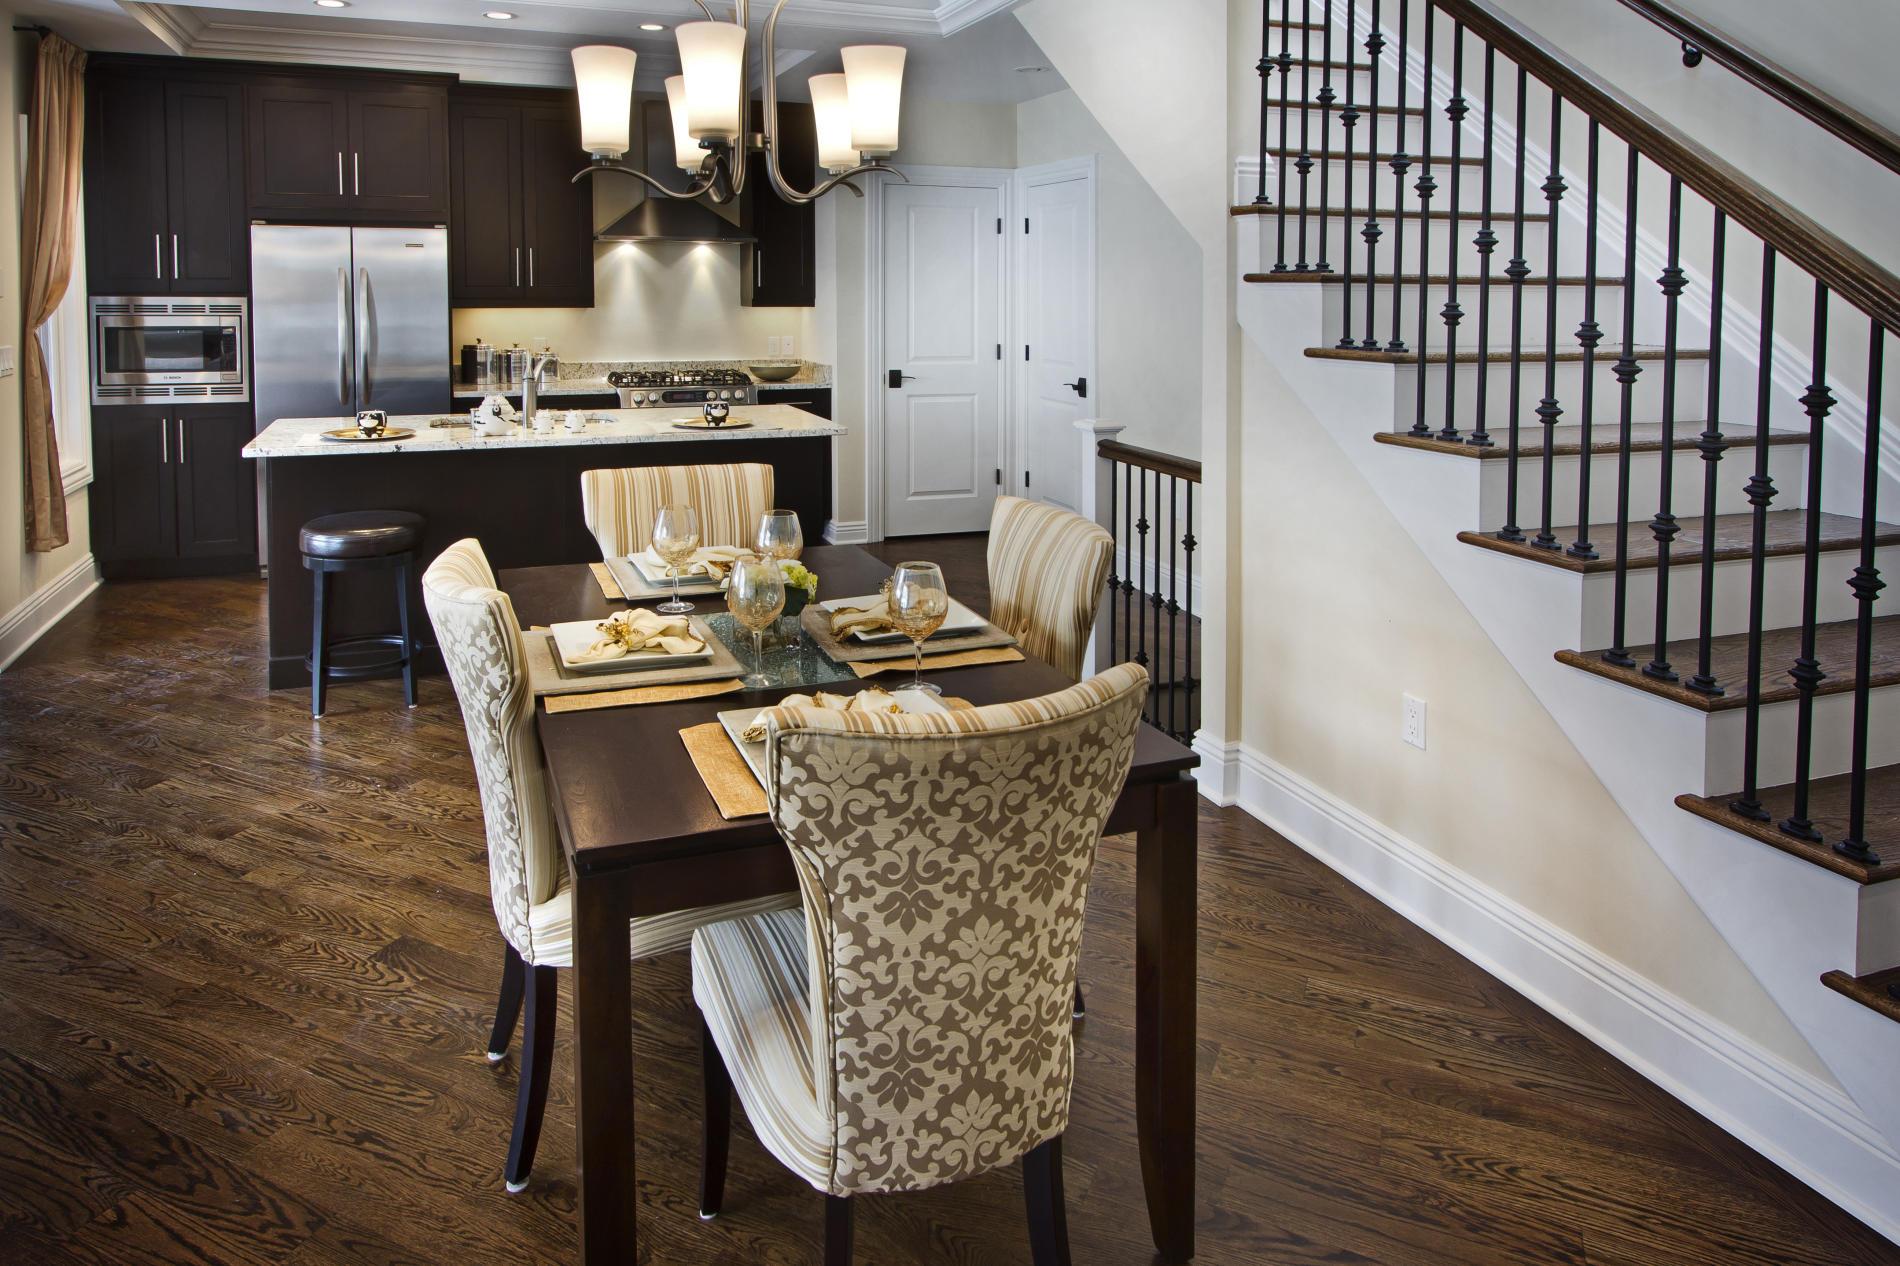 дизайн интерьера кухни в доме.jpg